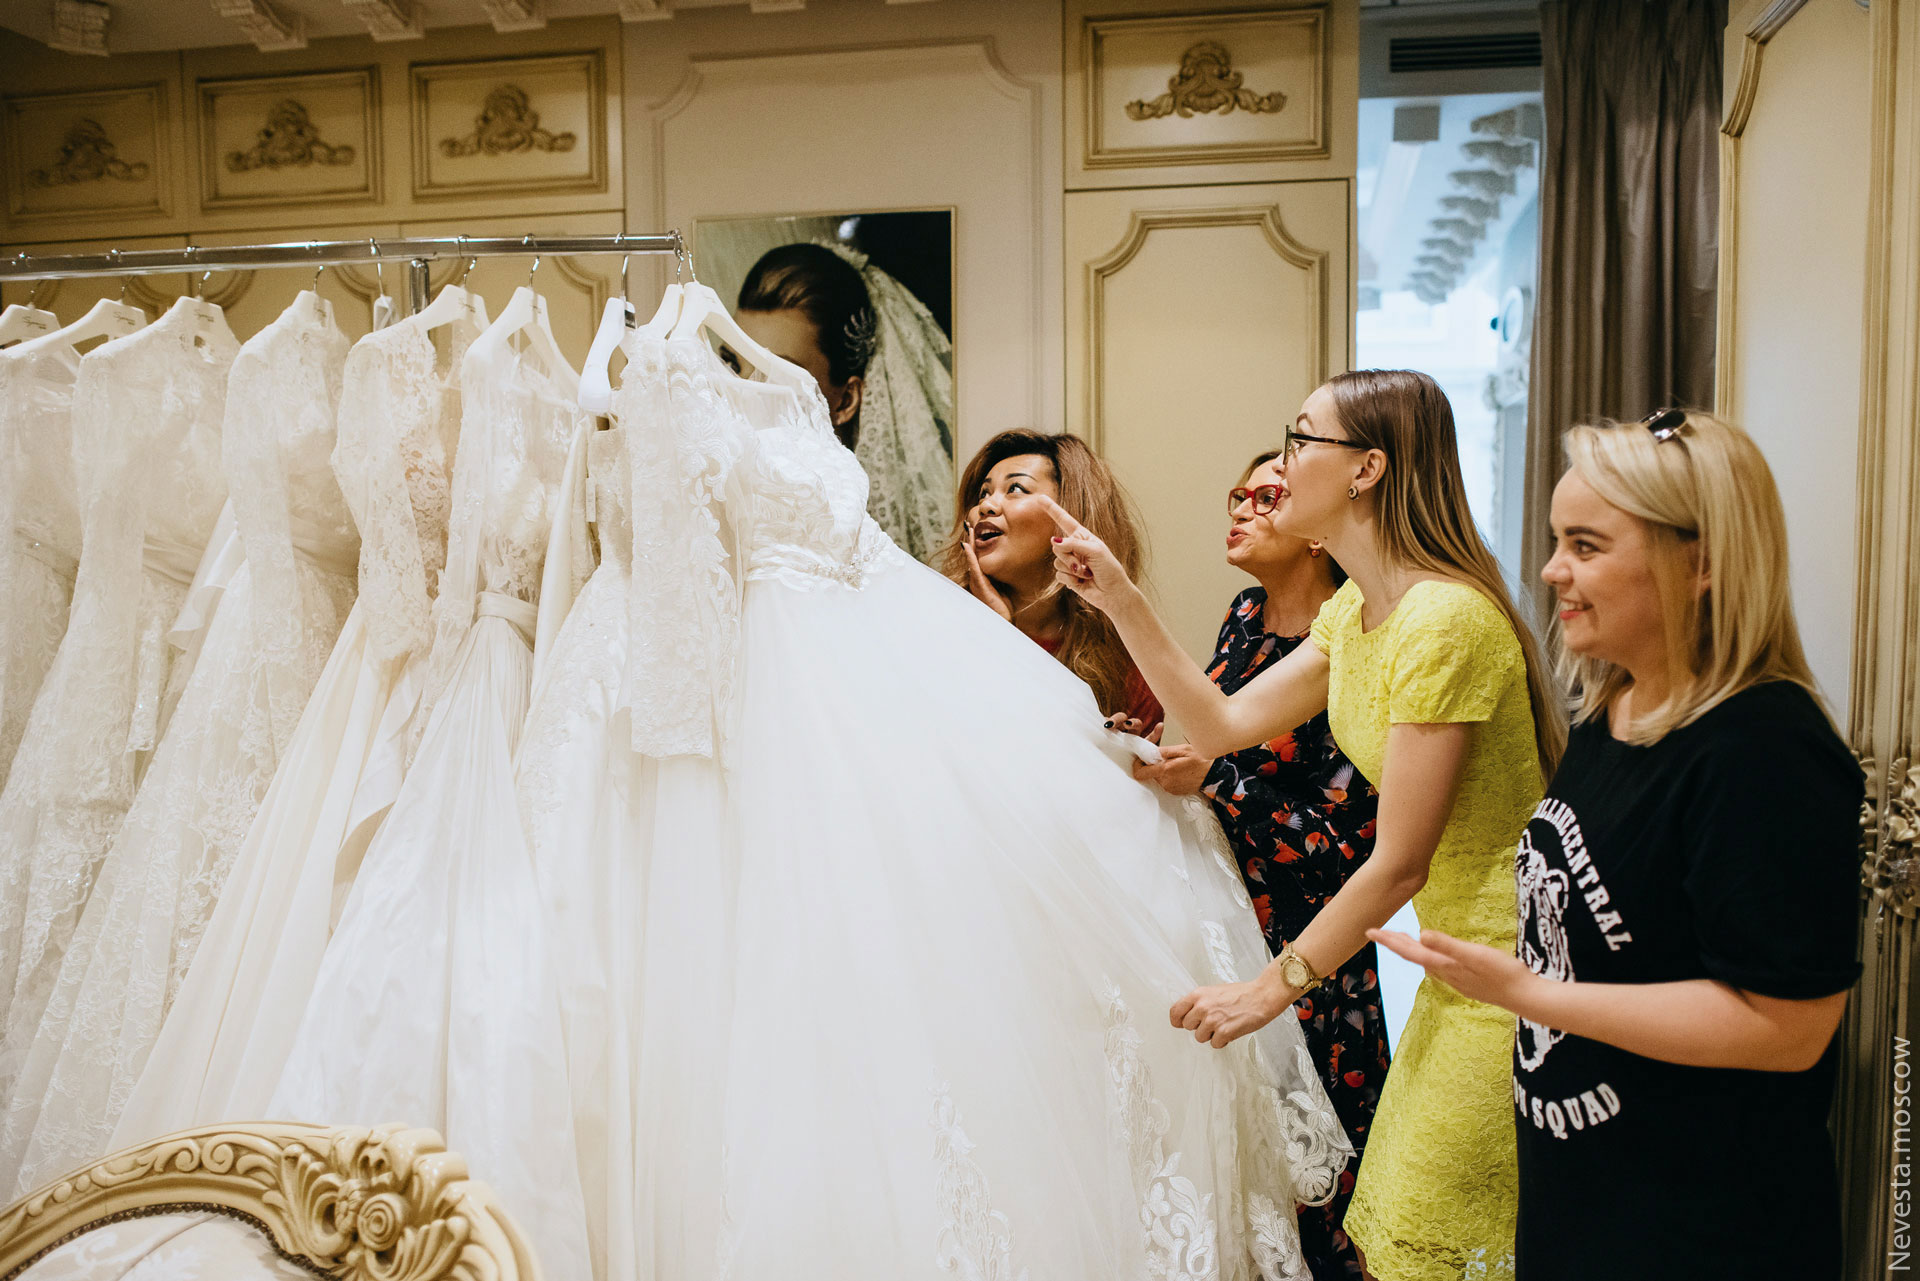 Корнелия Манго невеста свадьба выбор платья фото 19